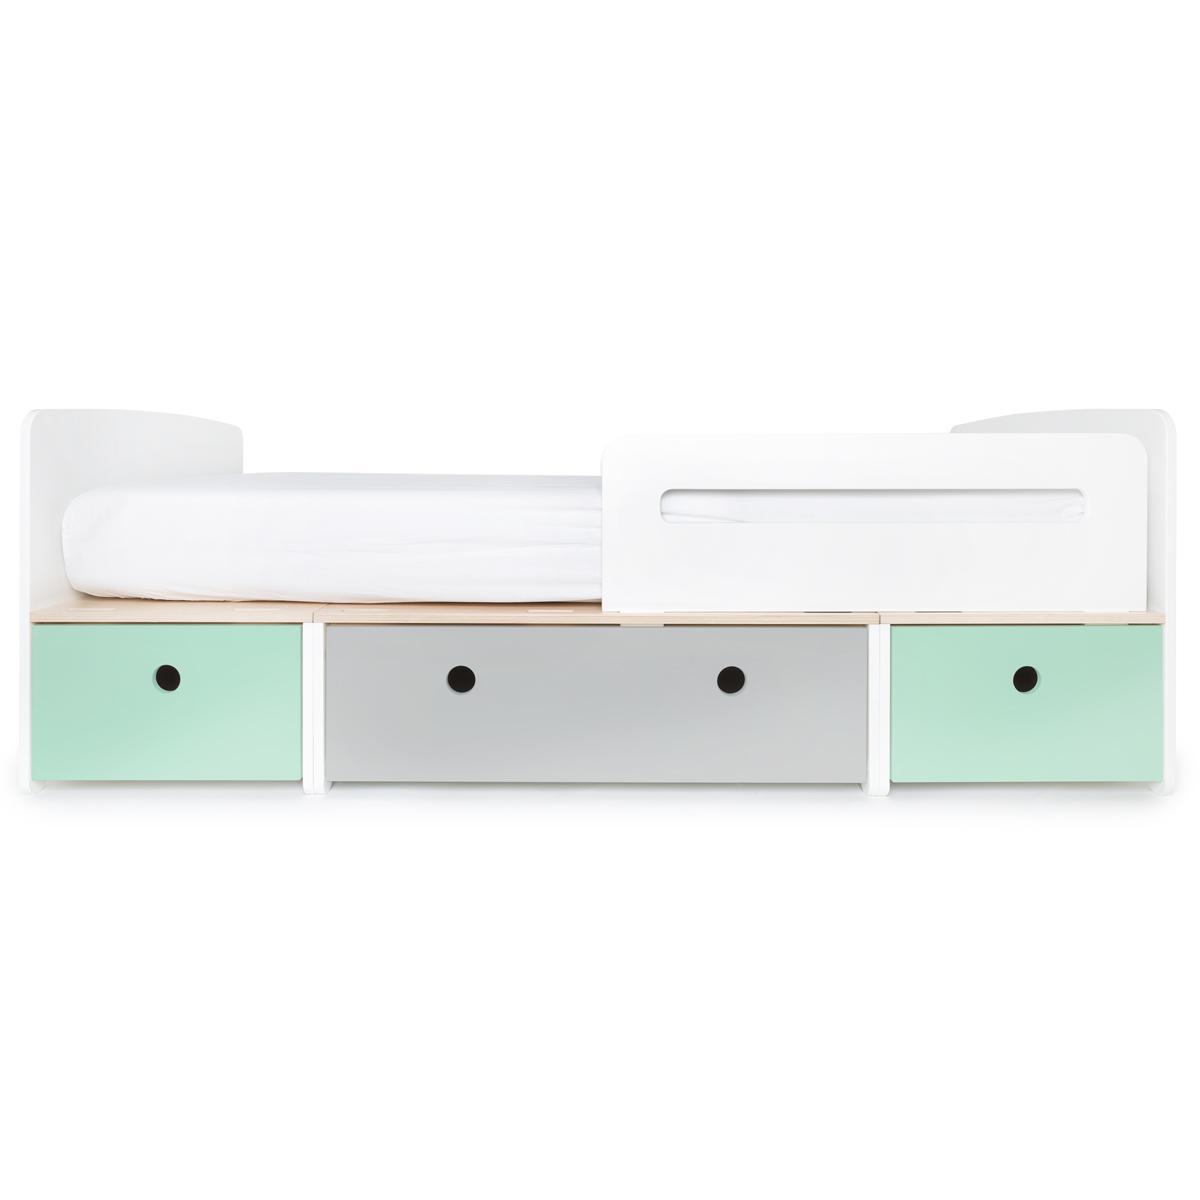 Kinderbett 90x200cm COLORFLEX Abitare Kids mint-pearl grey-mint